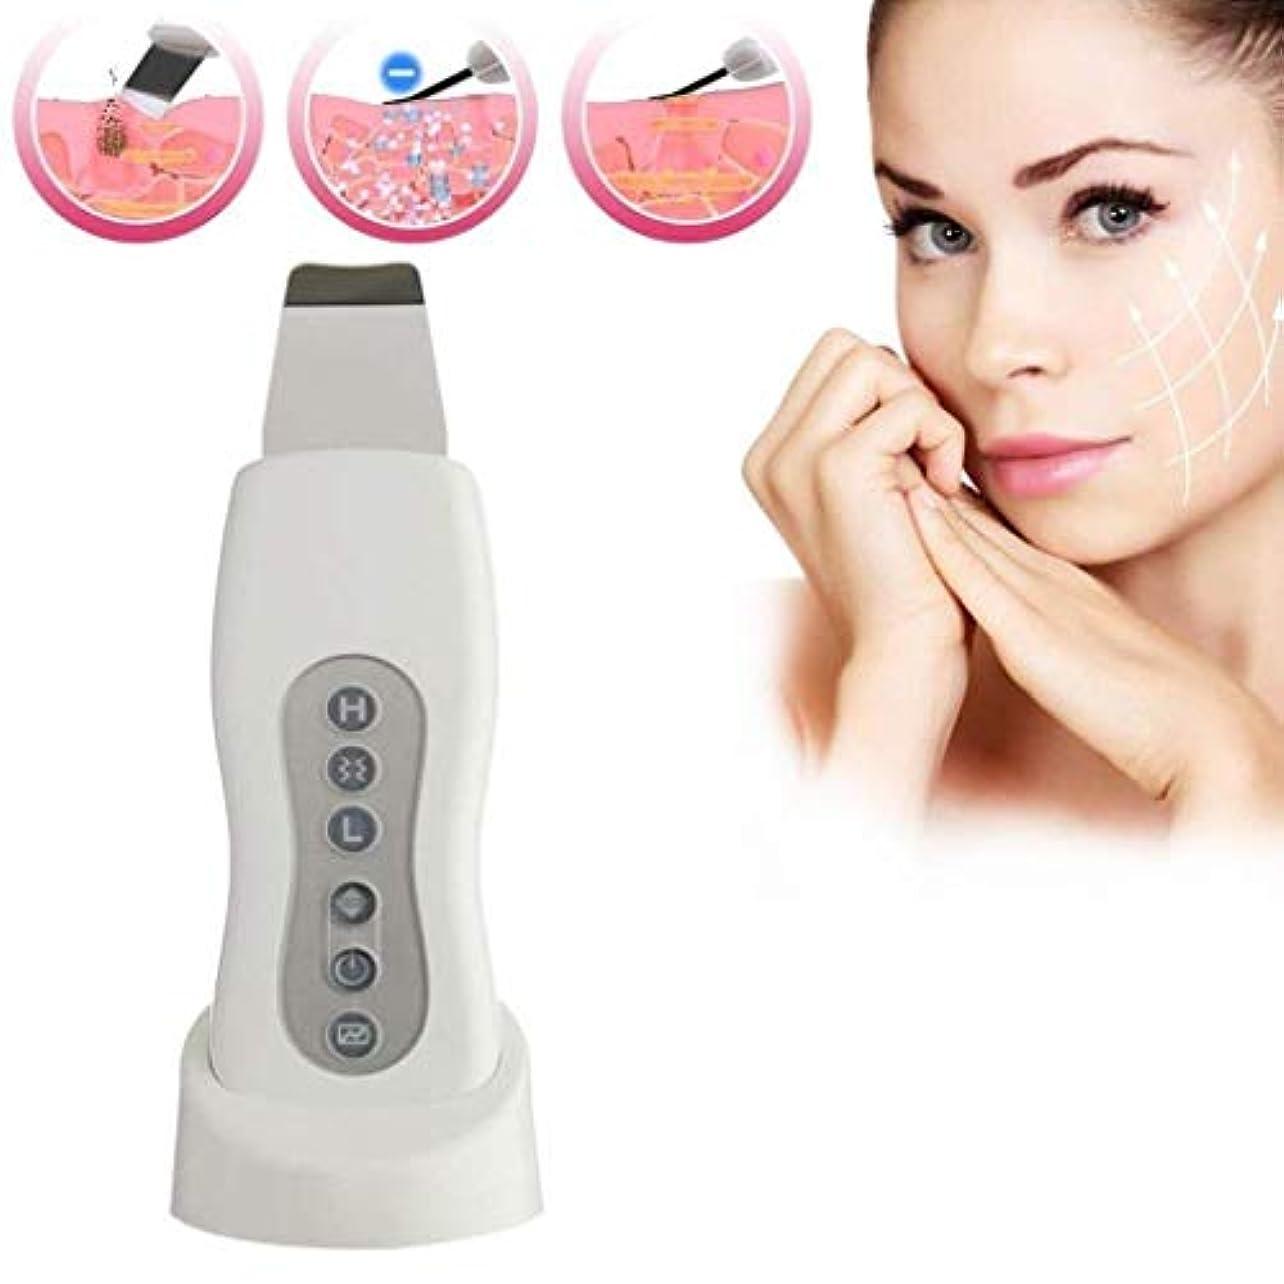 優しい急いで毎年黒ずみを取り除くための顔の皮膚のスクラバーポータブル顔のスクラバーのスキンケアの皮のしわの取り外し機械洗剤の美顔装置